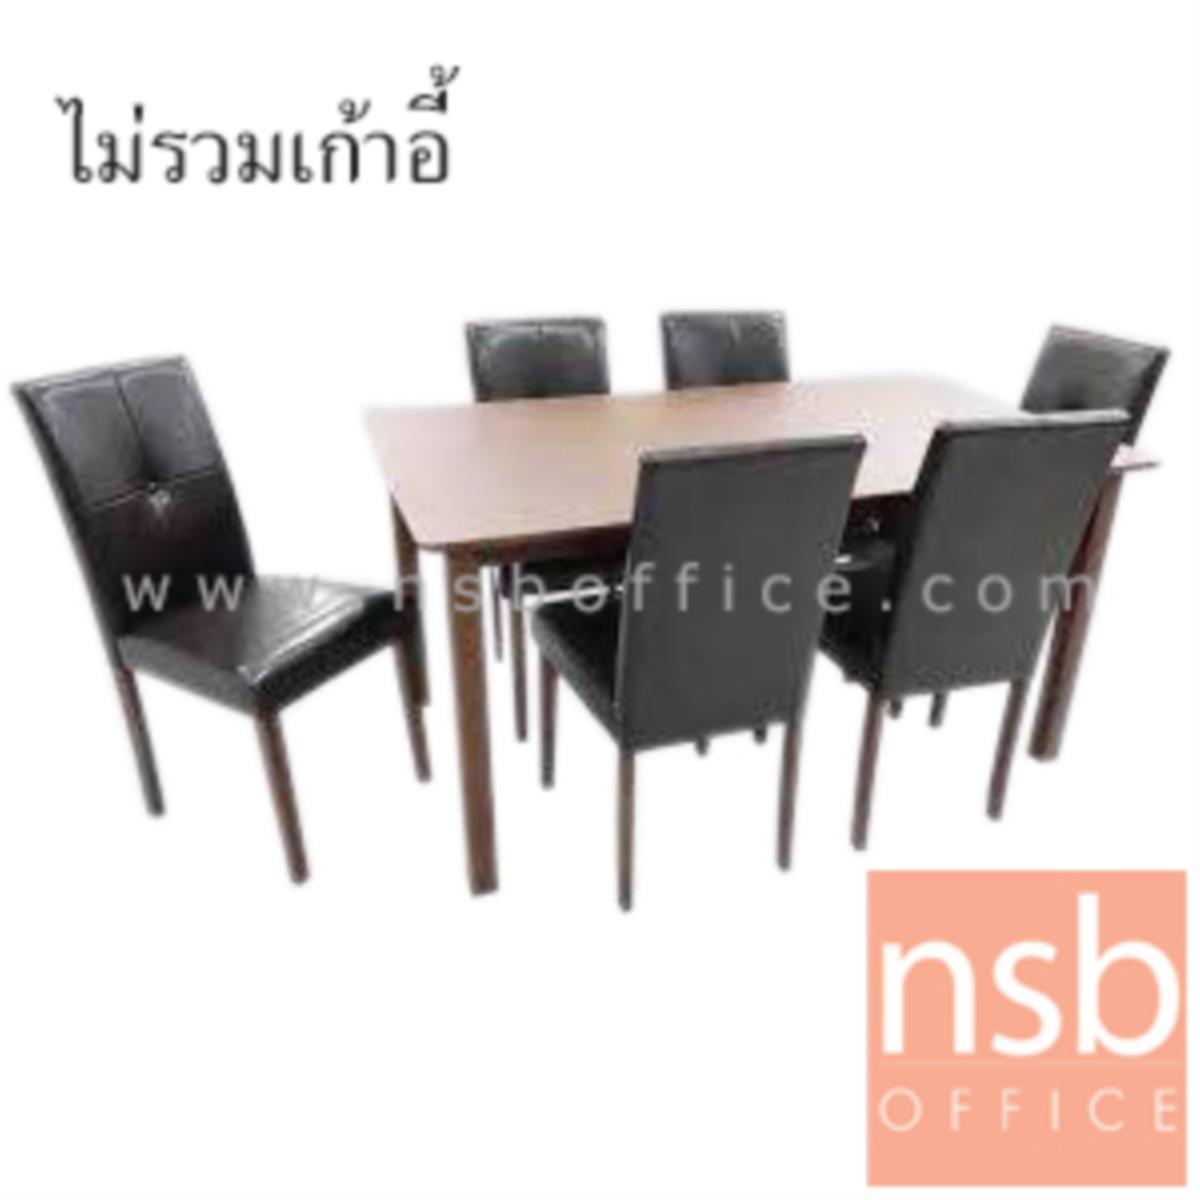 โต๊ะรับประทานอาหารหน้าไม้ MDF รุ่น Gottex (ก็อทเท็กซ์) ขนาด 120W cm.